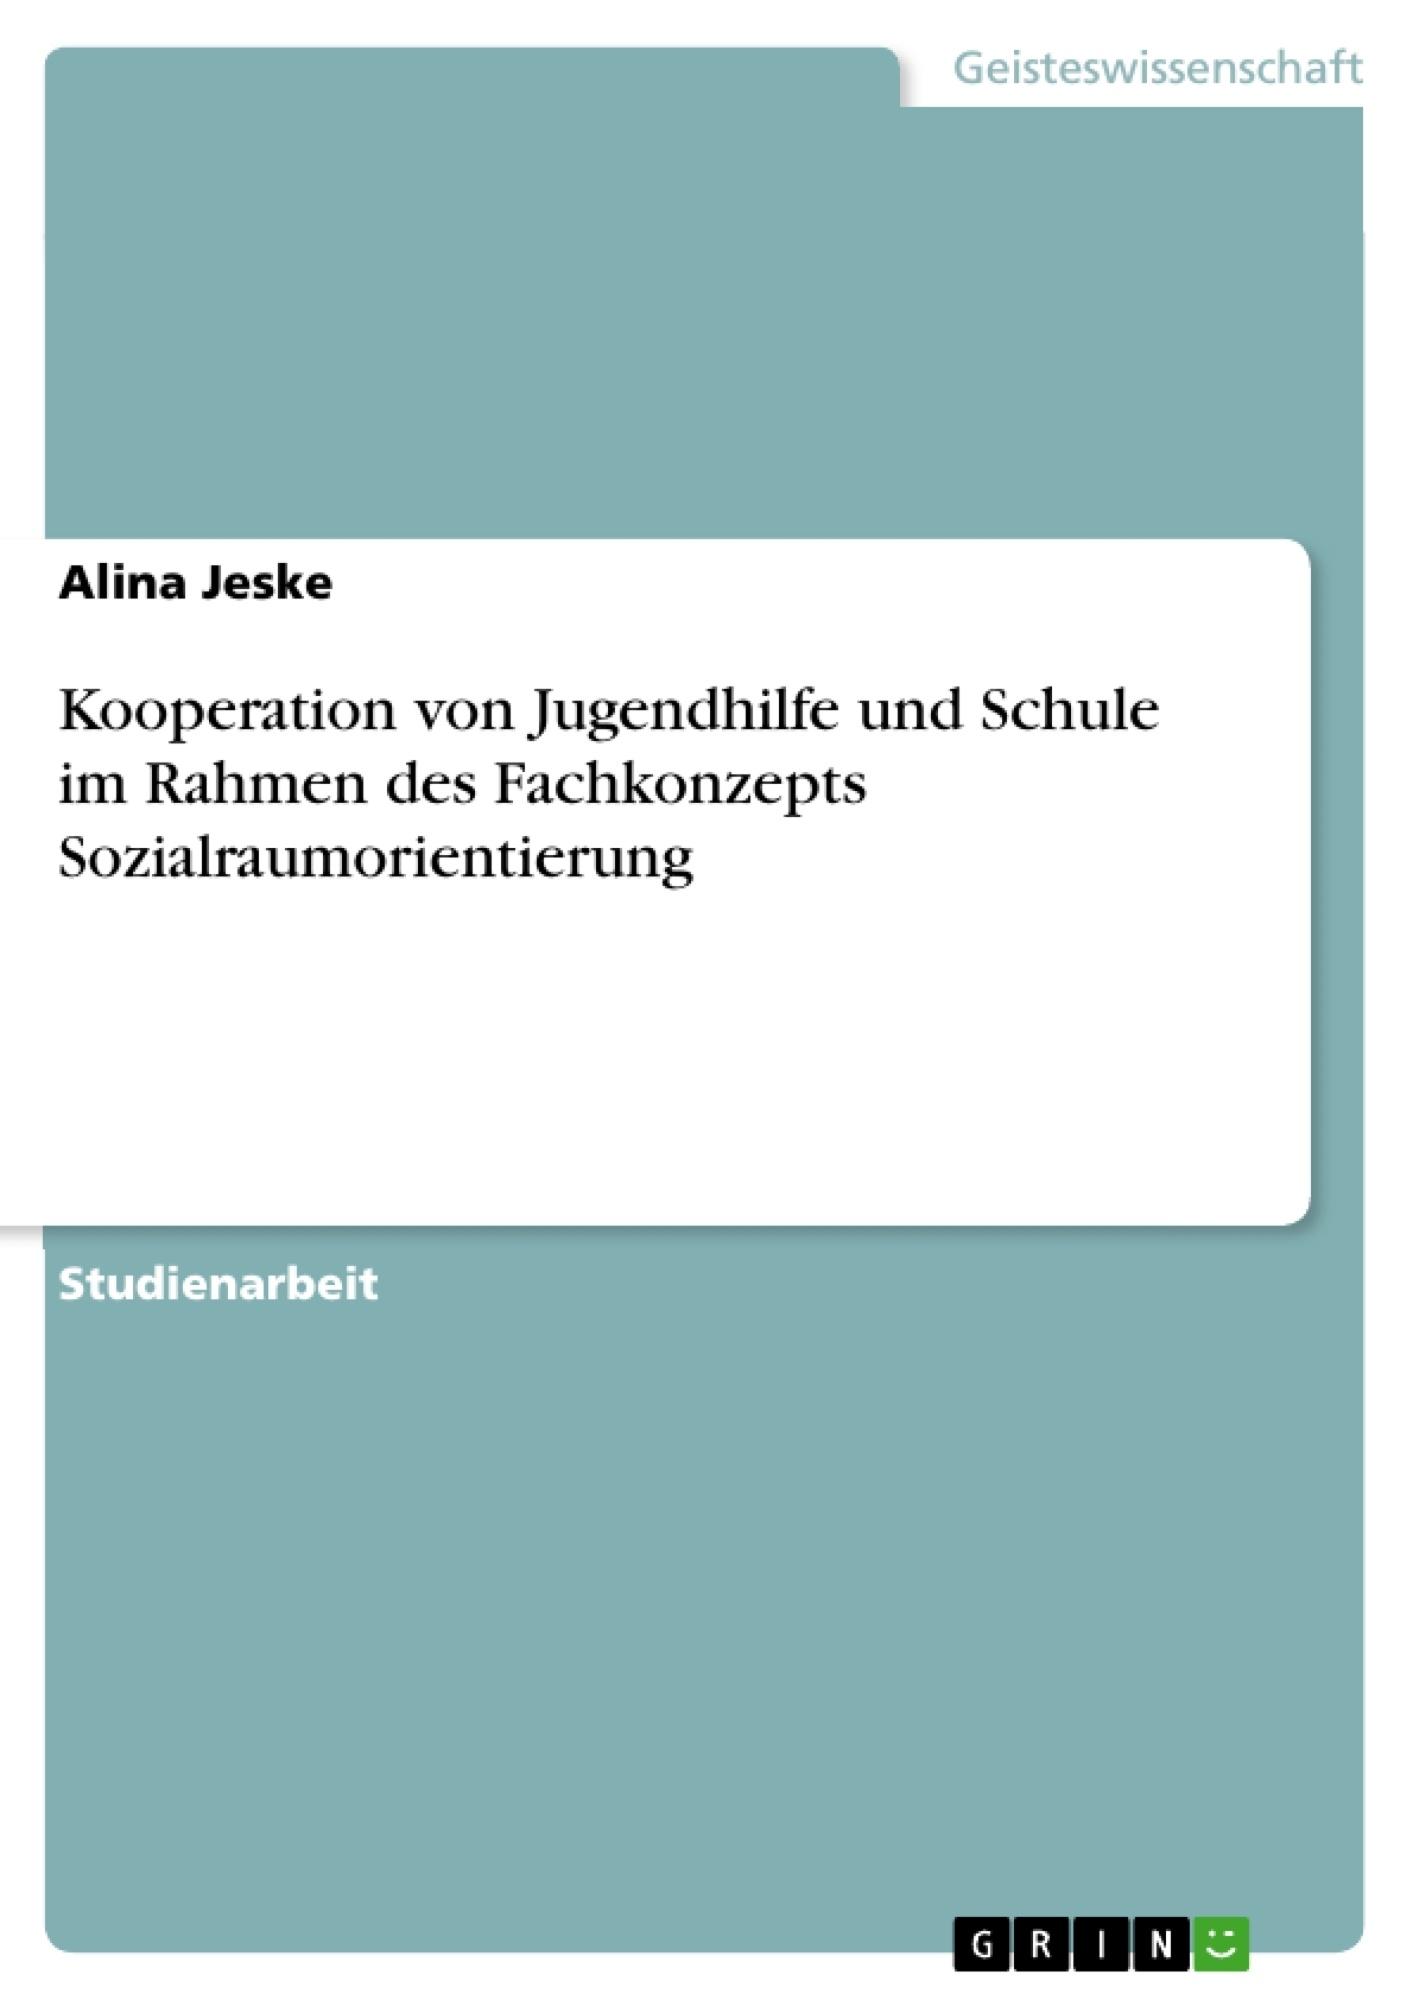 Titel: Kooperation von Jugendhilfe und Schule im Rahmen des Fachkonzepts Sozialraumorientierung